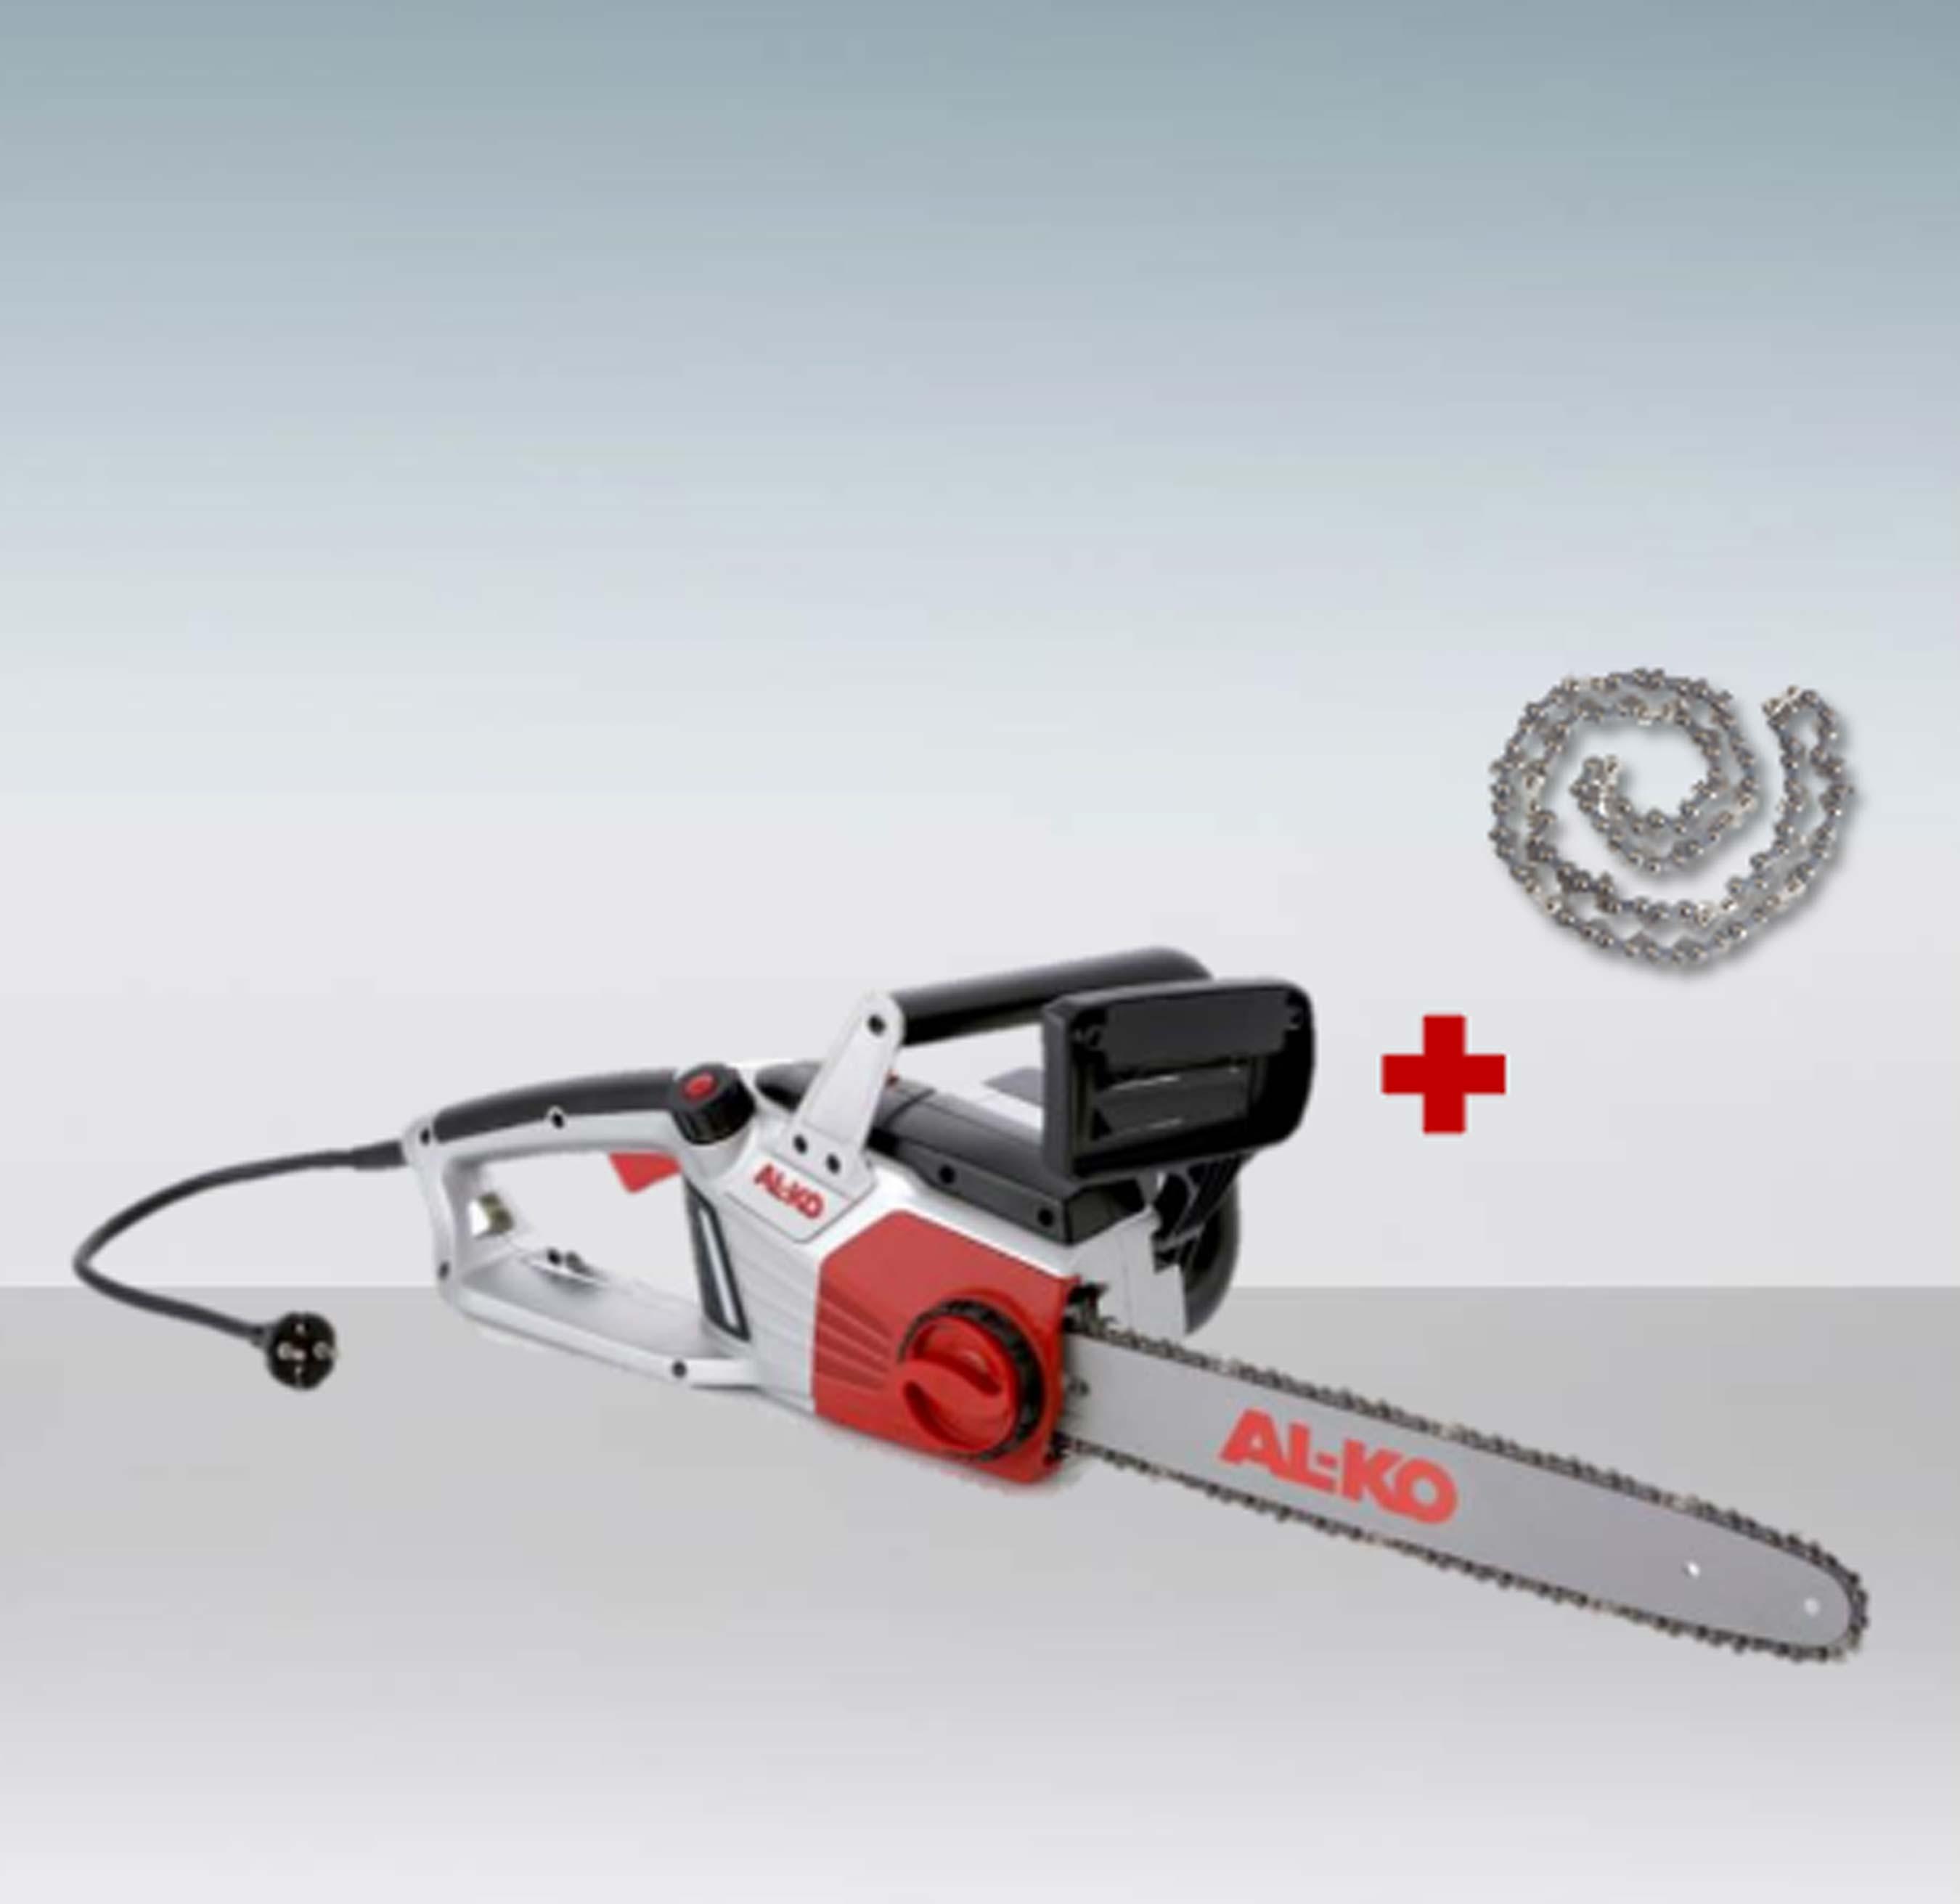 AL-KO Elektro Kettensäge EKS 2400 + Ersatzkette Schwertlänge 40cm Bild 1